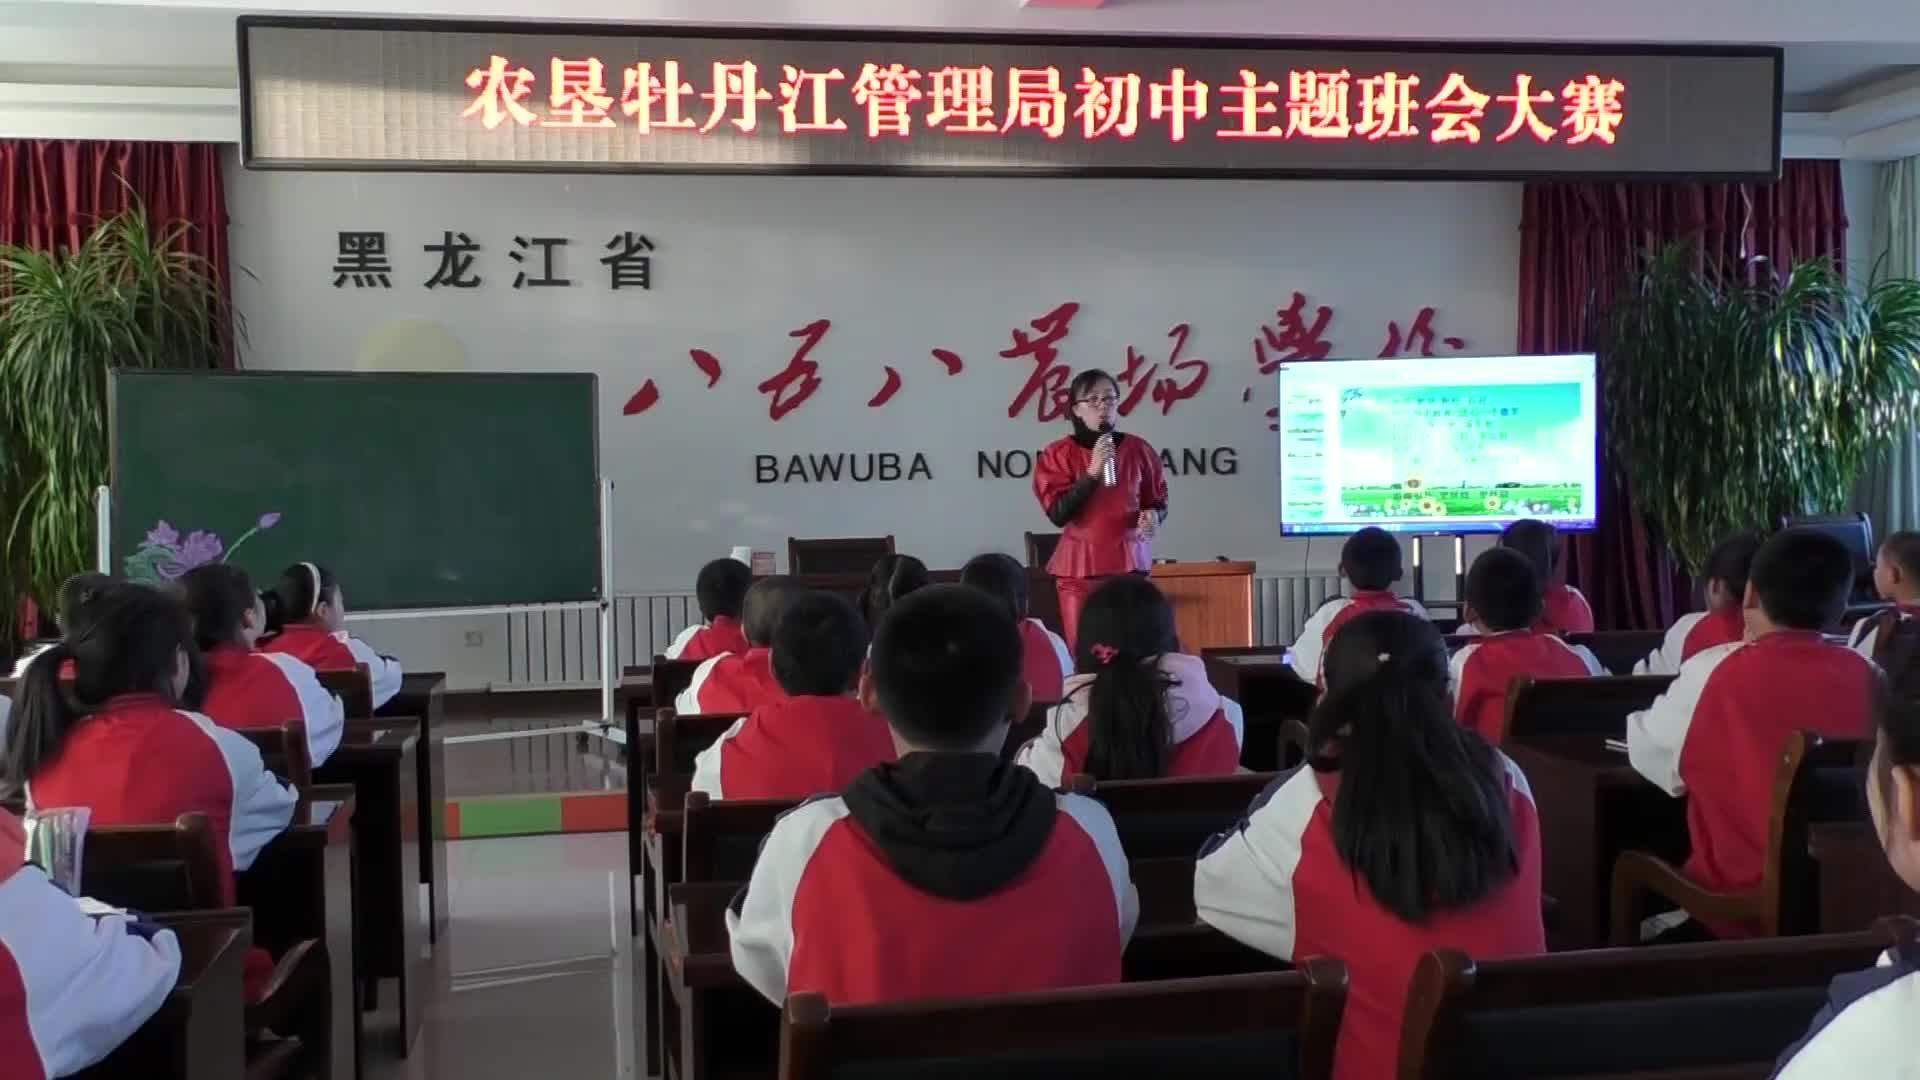 黑龙江农垦牡丹江-初中主题班会大赛-文明礼仪伴我行-视频公开课